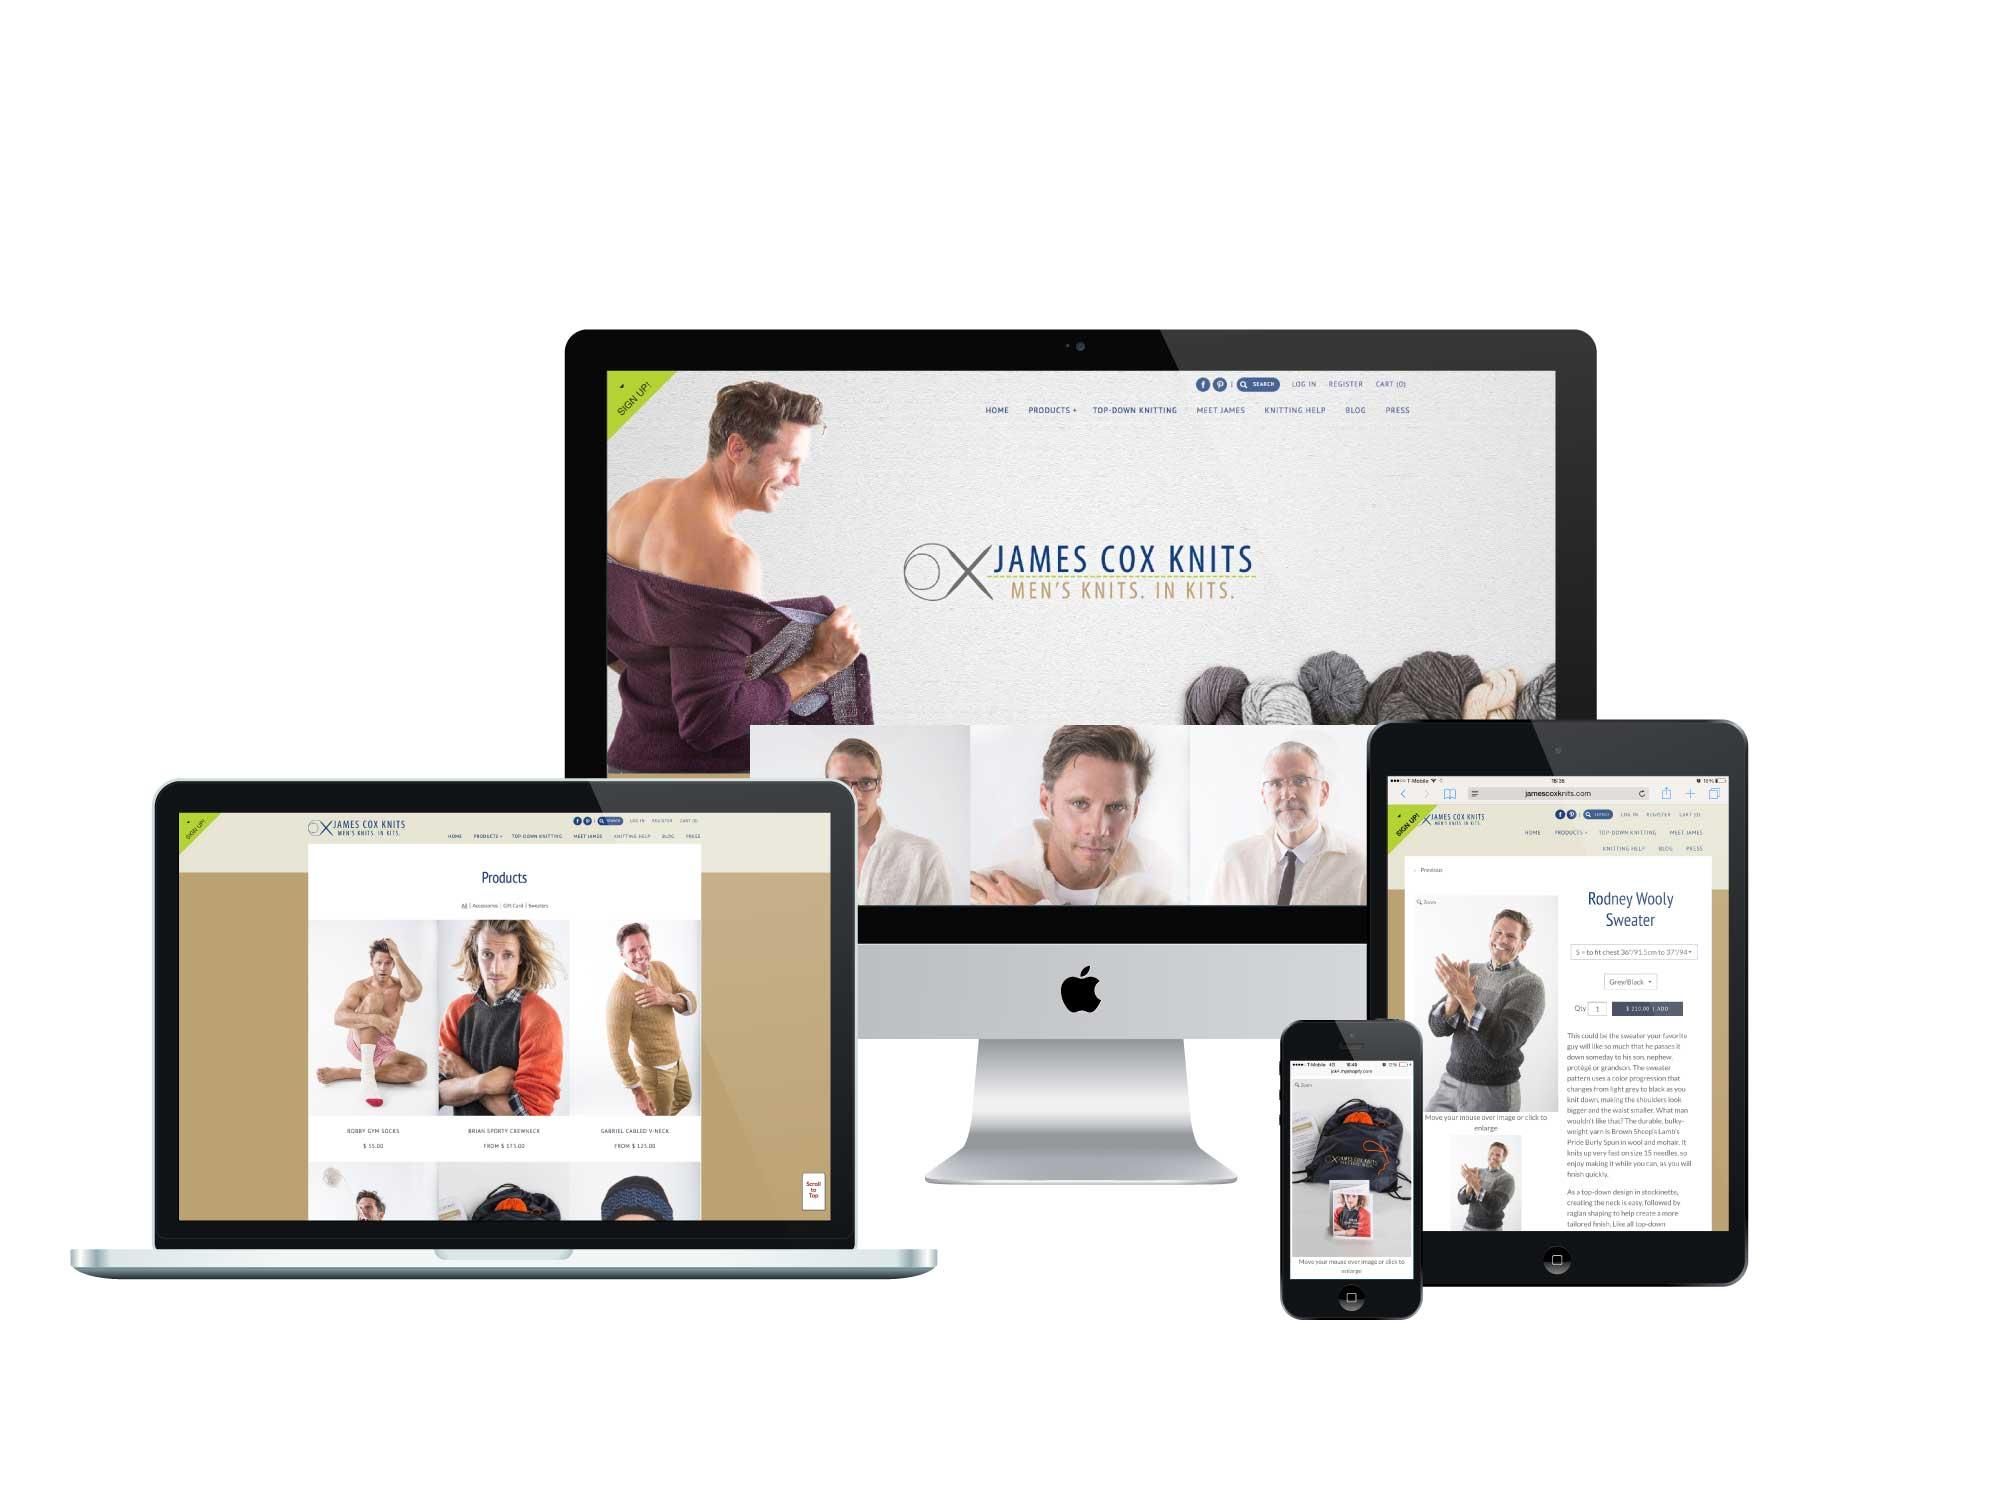 James Cox Knits - E-commerce Site